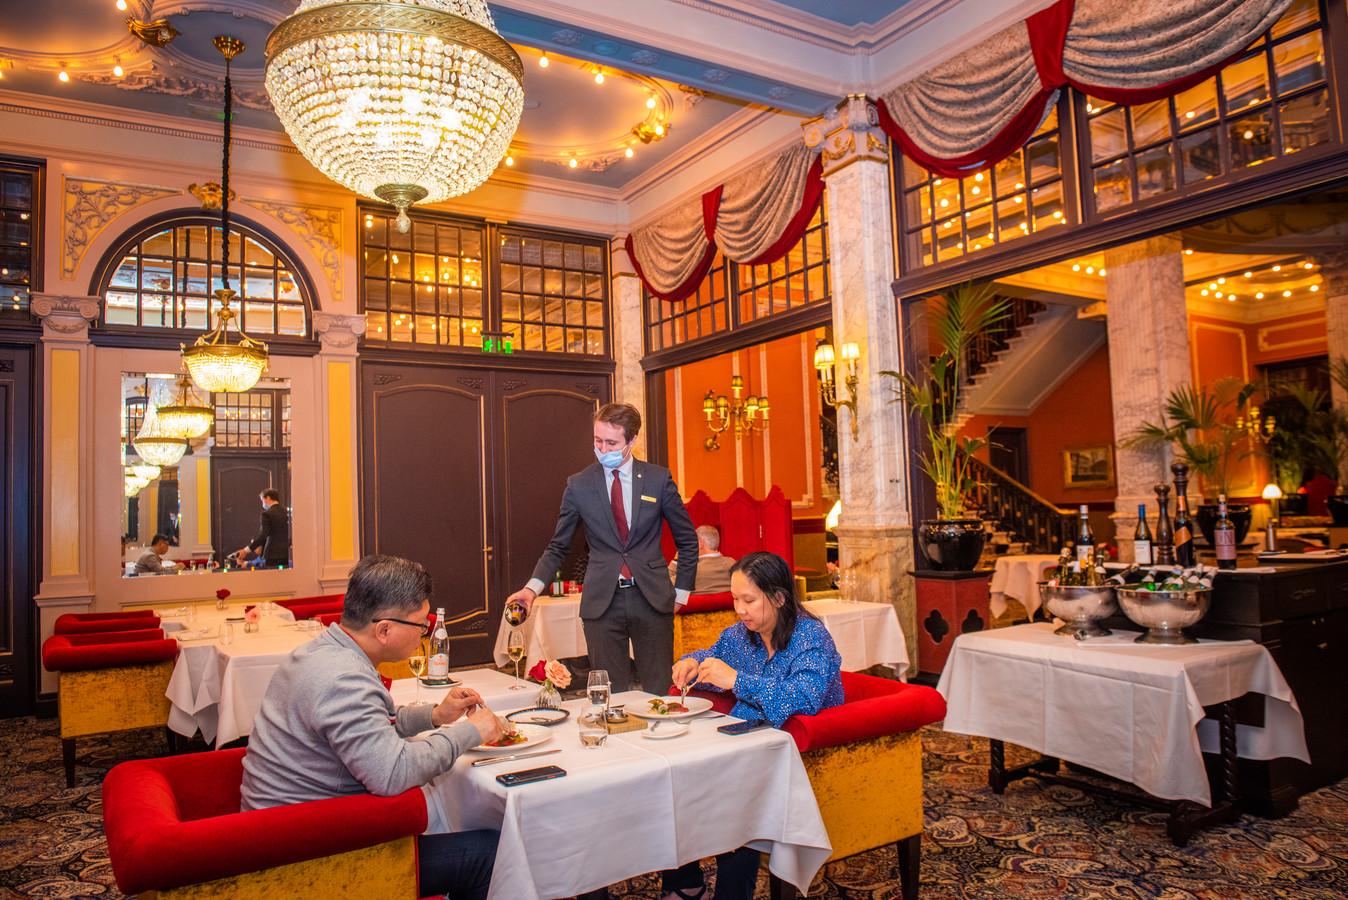 Sil en Julia Purwanto zijn 20 jaar getrouwd en verbleven afgelopen nacht in Hotel des Indes, waar ze ondanks de coronamaatregelen toch konden genieten van een maaltijd.